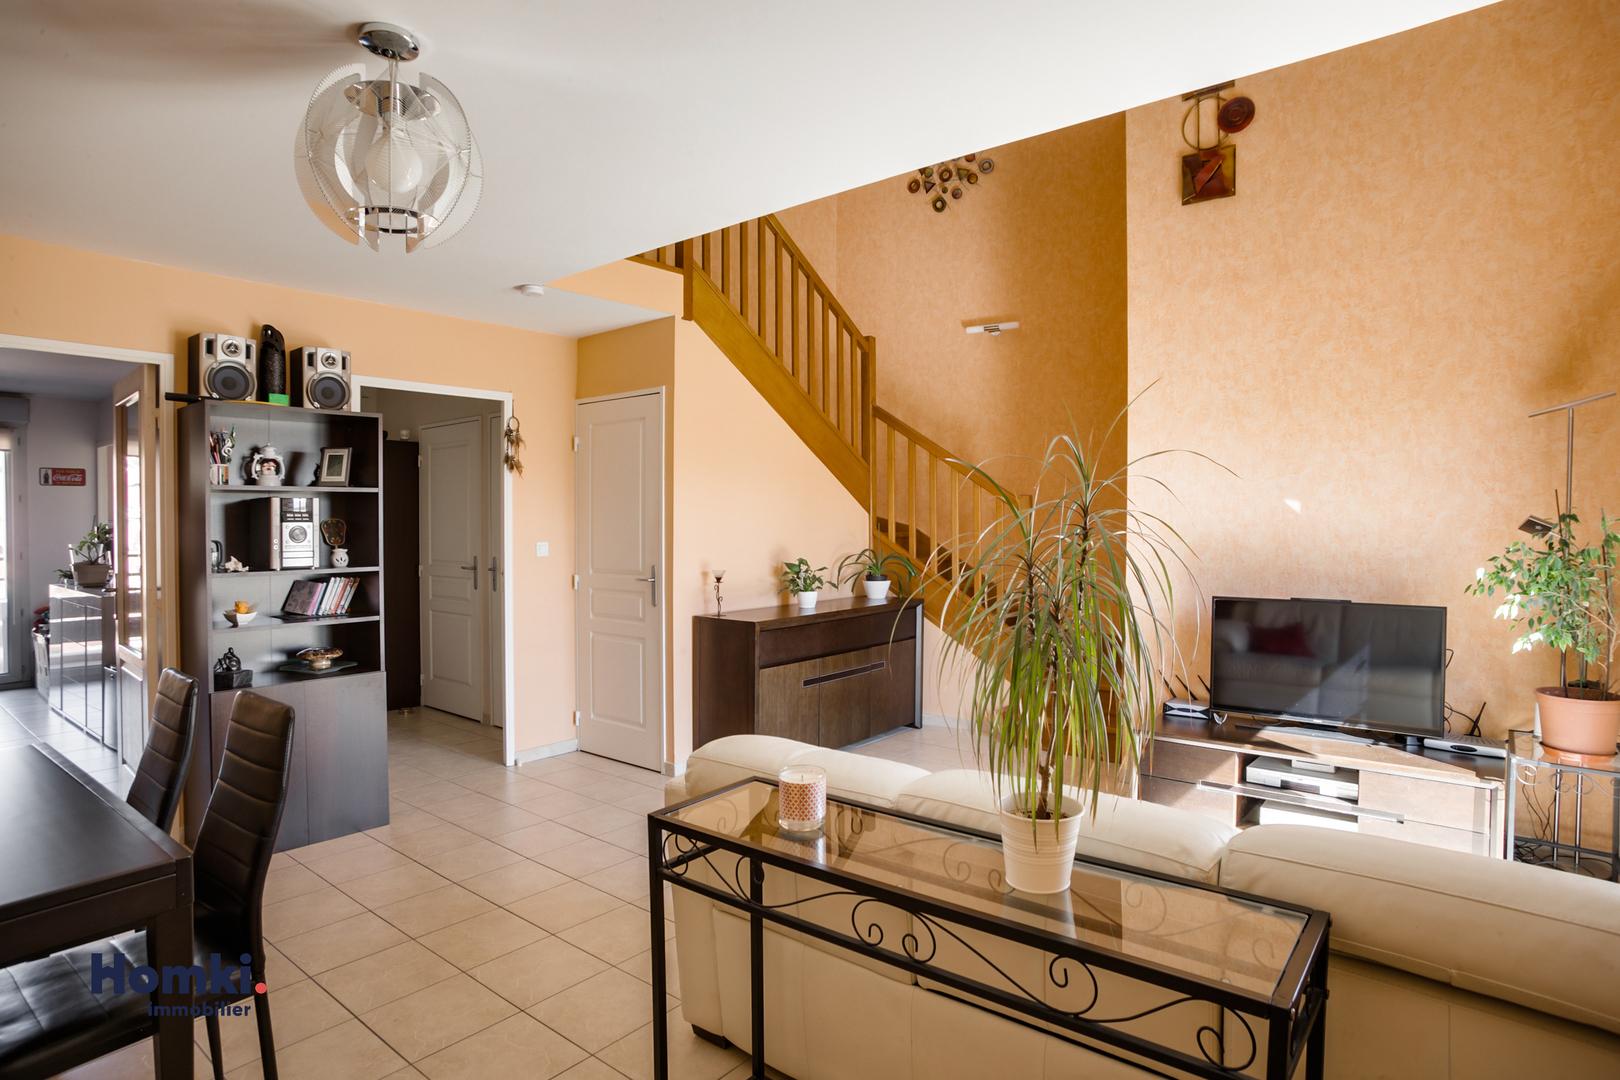 Vente appartement 104m² T5 69480_2